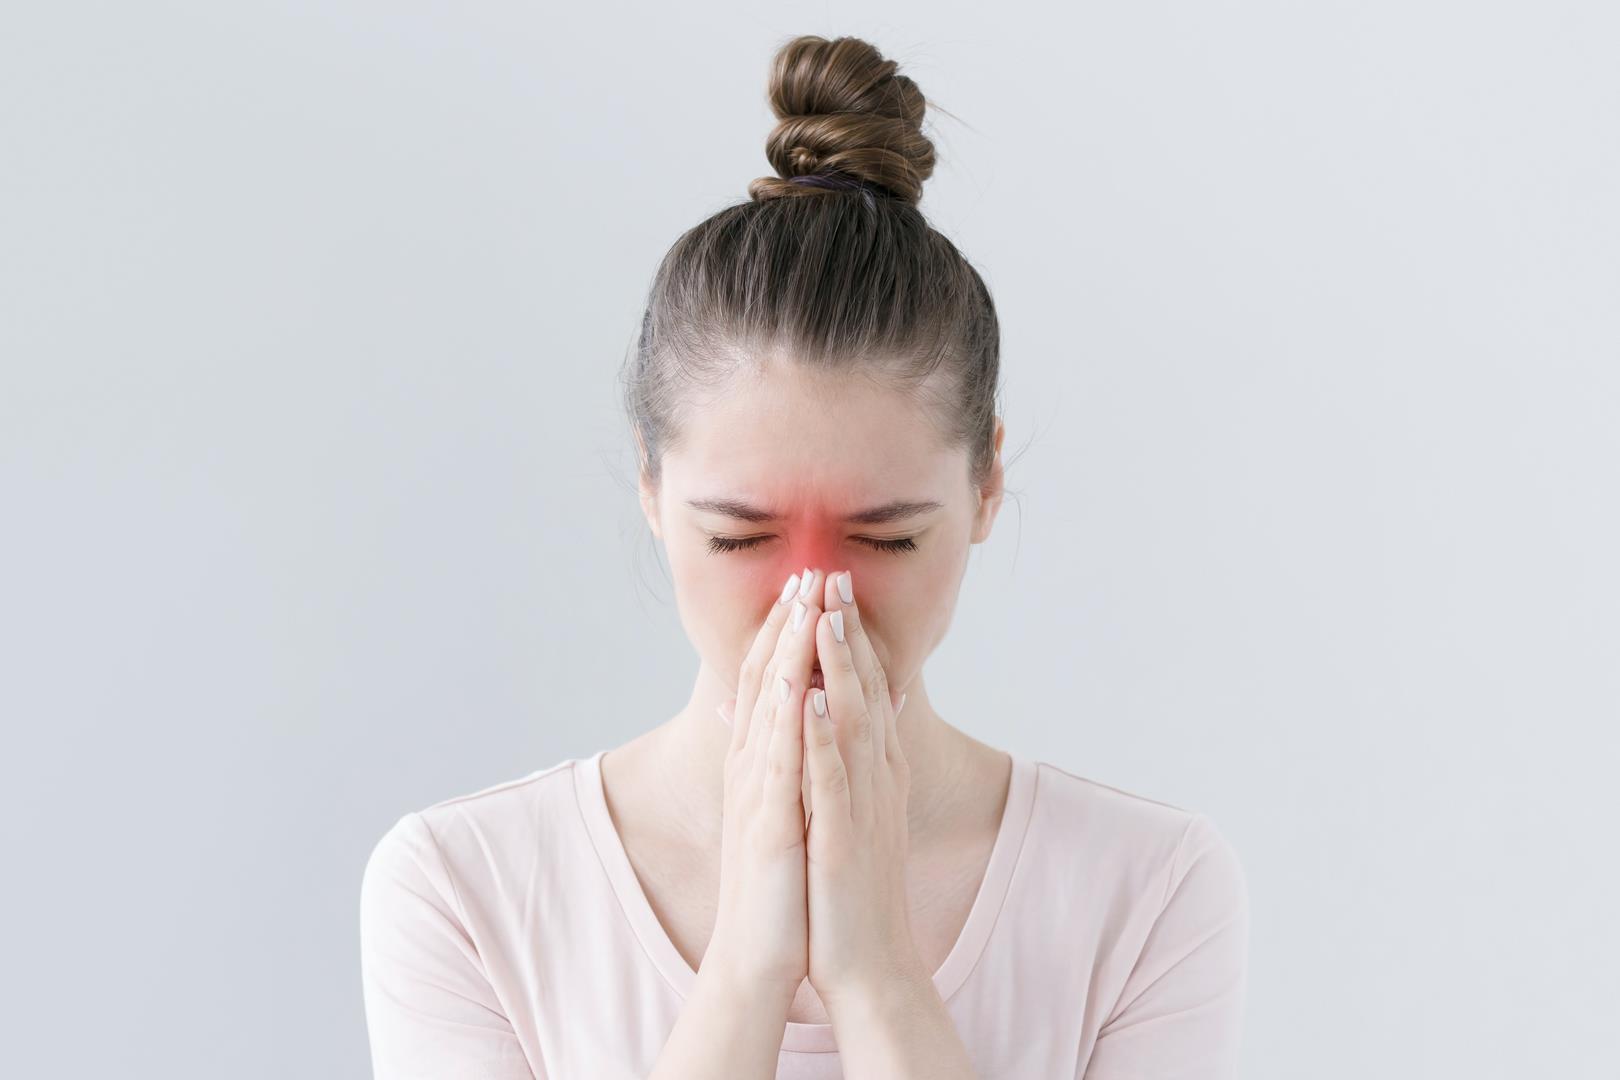 Ринорея - лечение, симптомы, причины, как быстро остановить ринорею